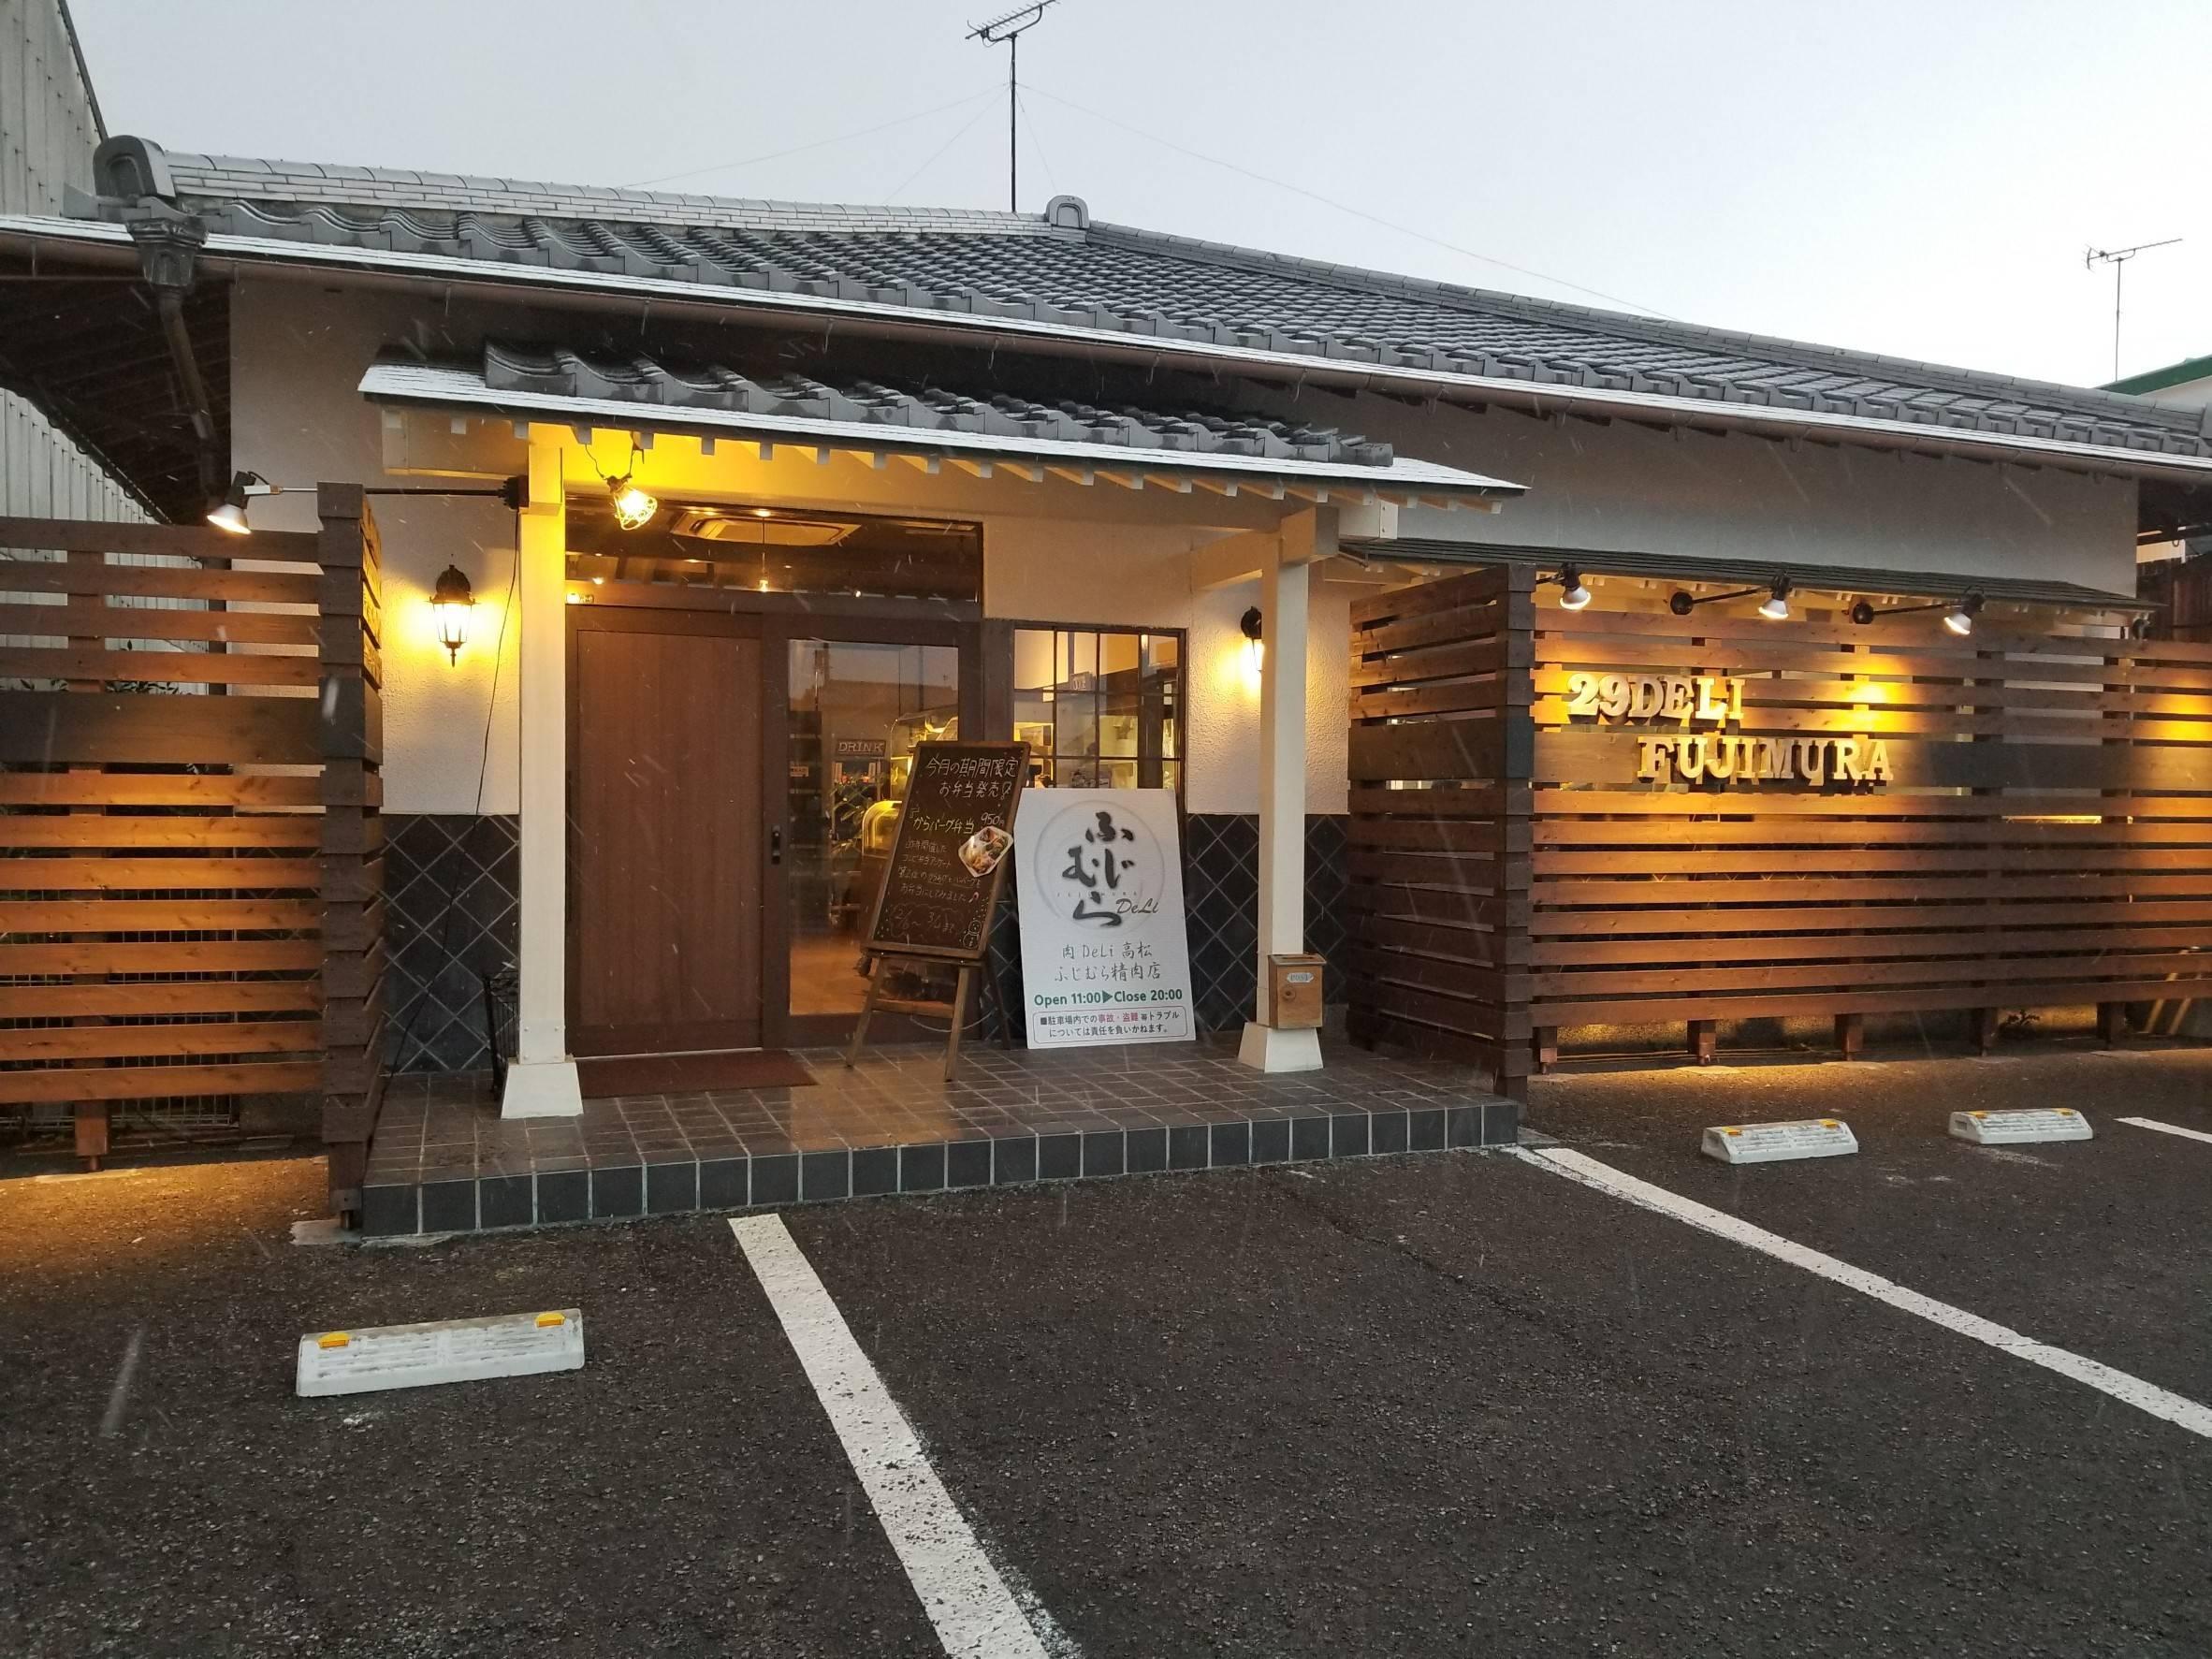 肉DeLi高松ふじむら精肉店